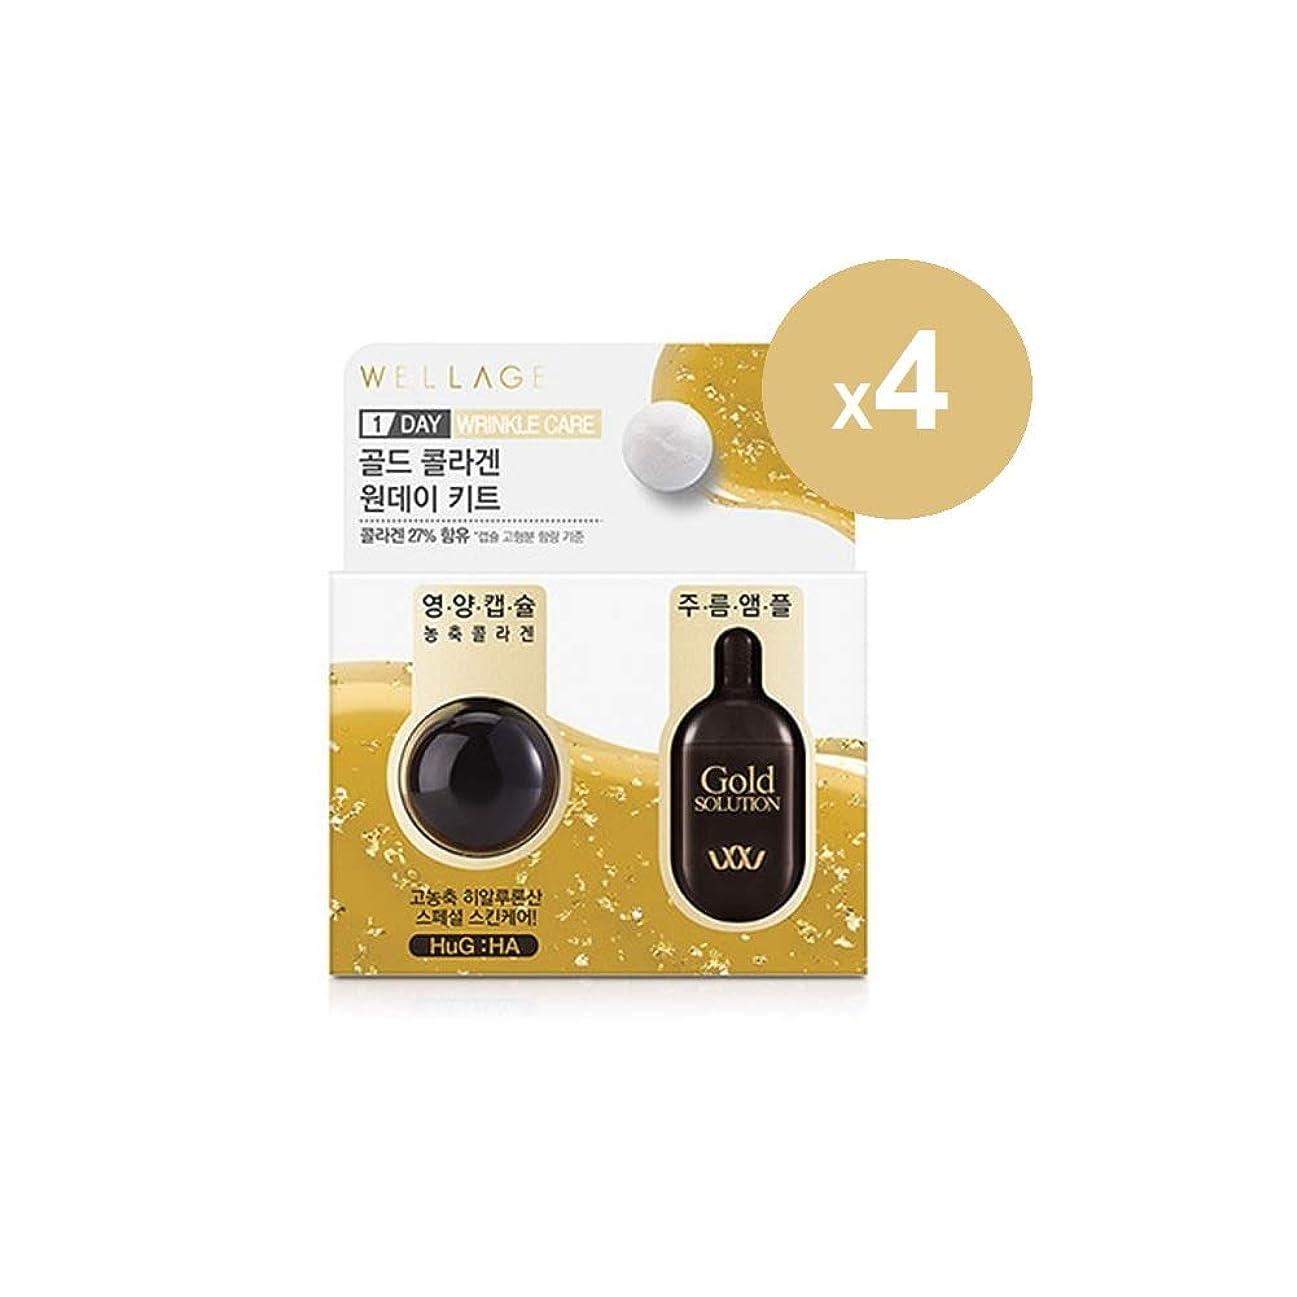 スキャンダル火納税者wellage☆Real Collagen Bio Capsule&Gold Solution☆ウェルラジュ ゴールドコラーゲン1dayキット [並行輸入品]